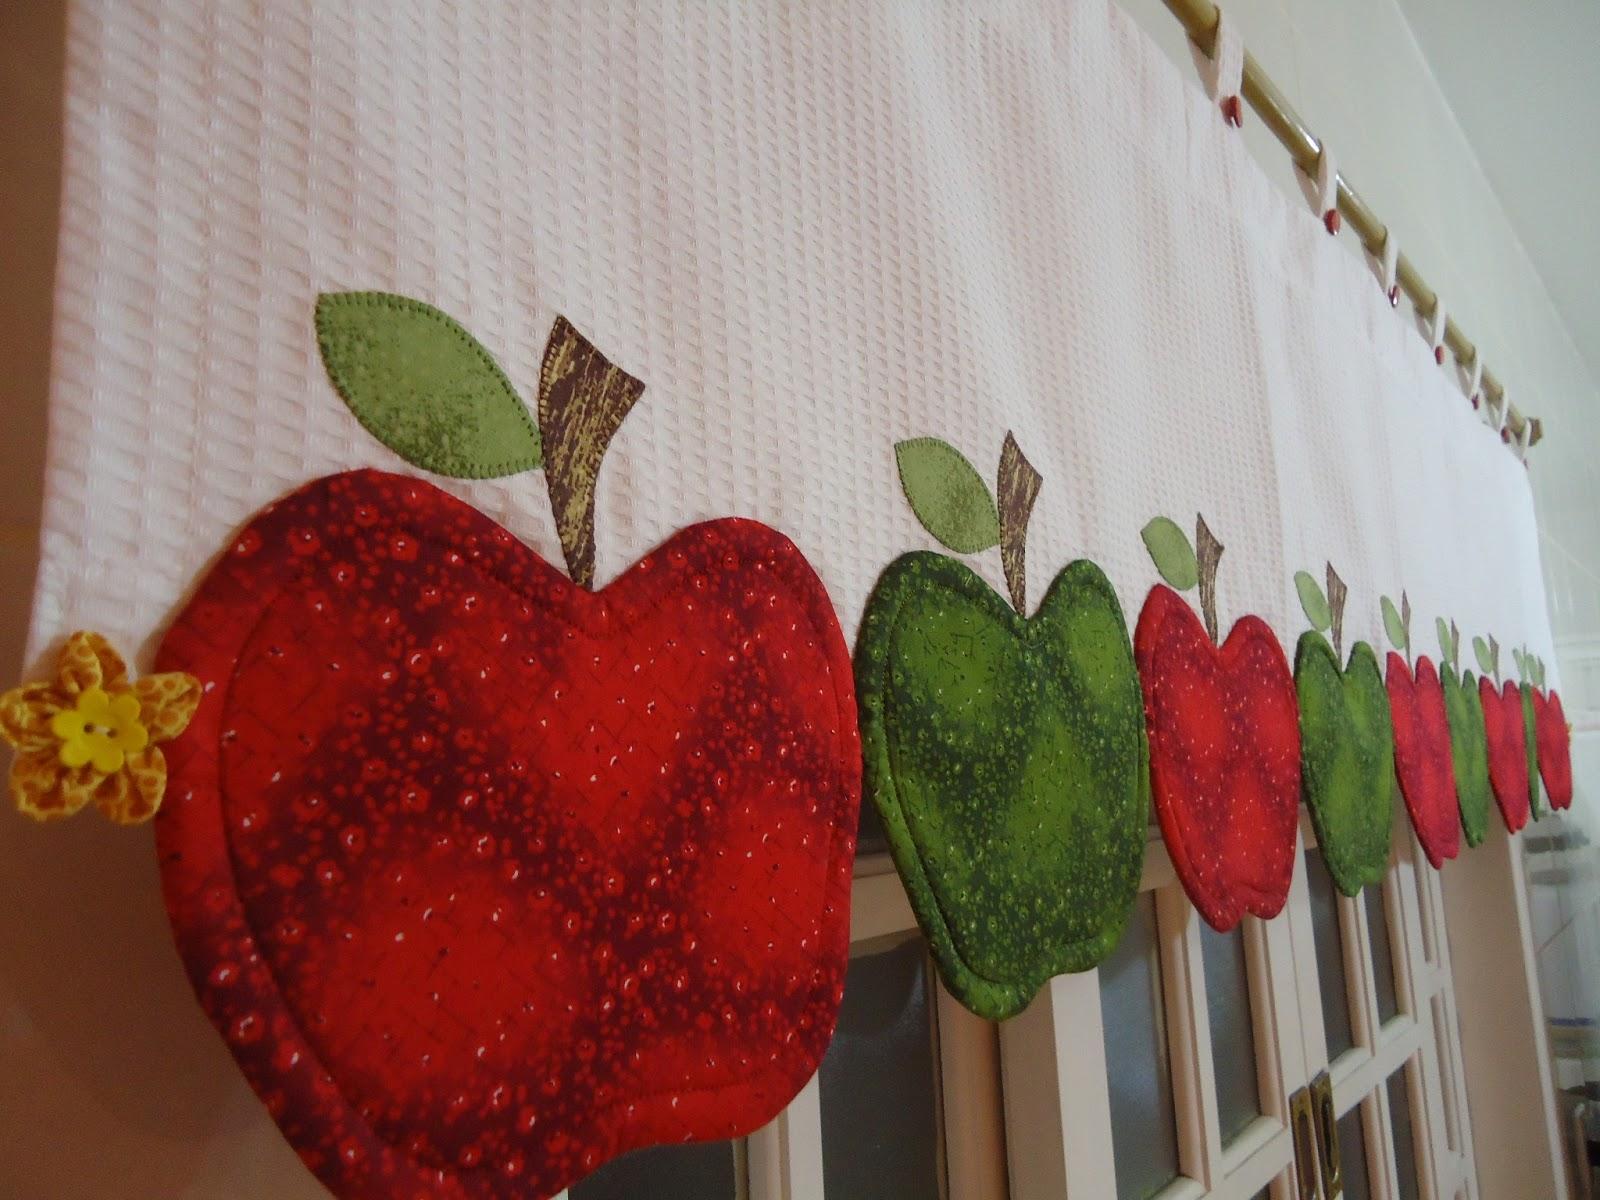 Cortinas e band s on pinterest valances curtains and - Bandos para cortinas ...